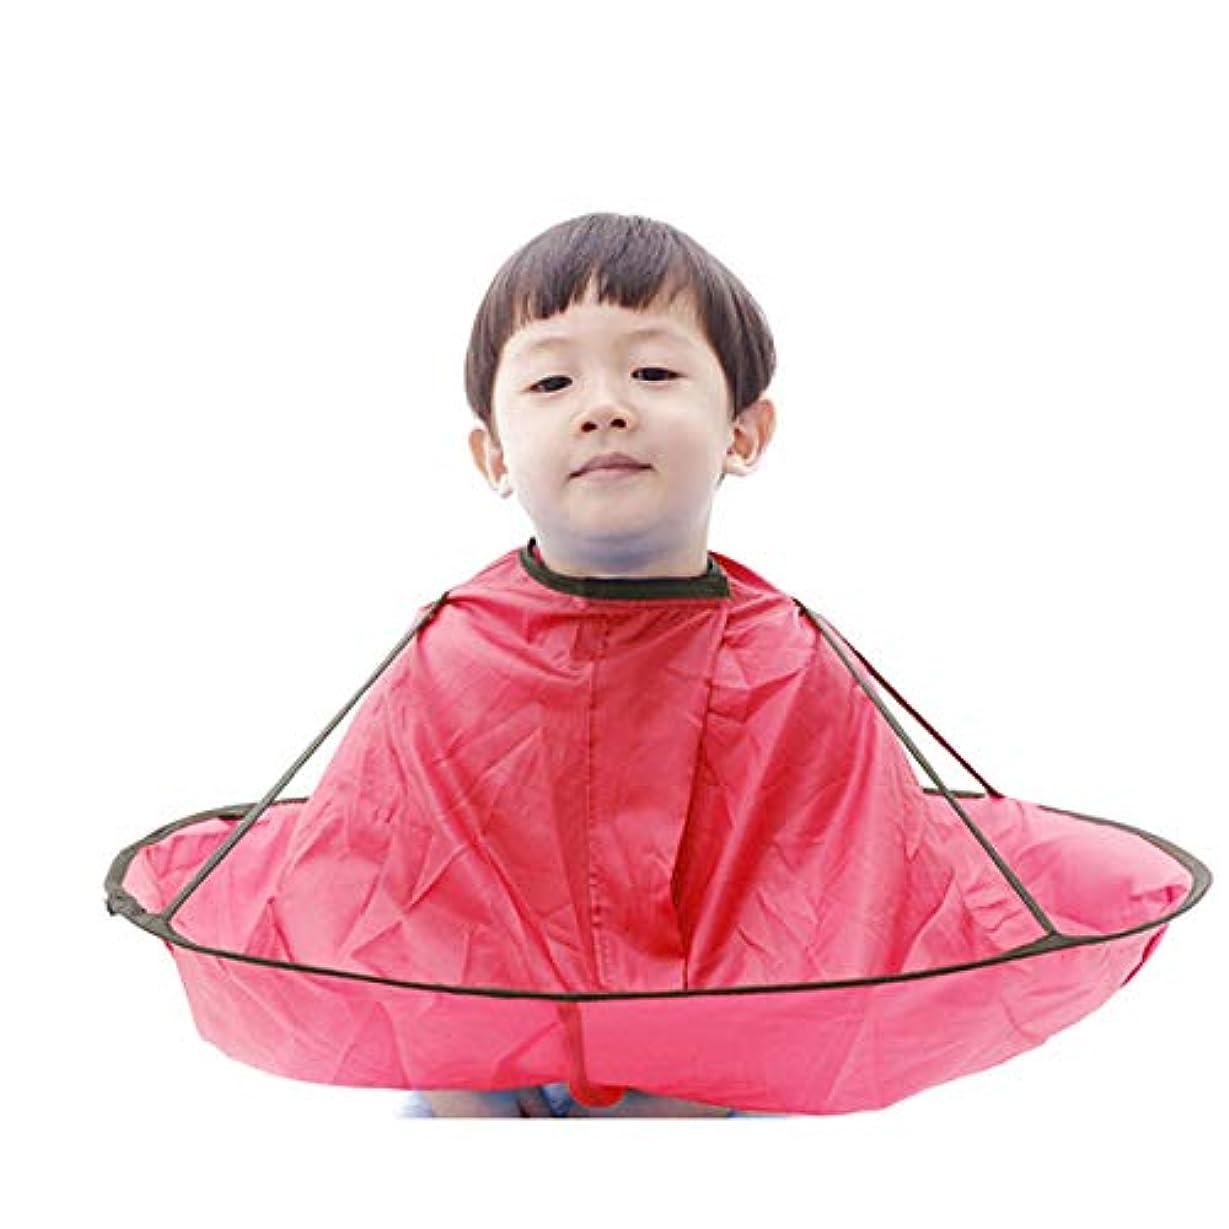 嬉しいです種類不完全な子供 散髪ケープ ヘアエプロン 散髪マント 刈布 ケープ 散髪道具 防水 (赤)